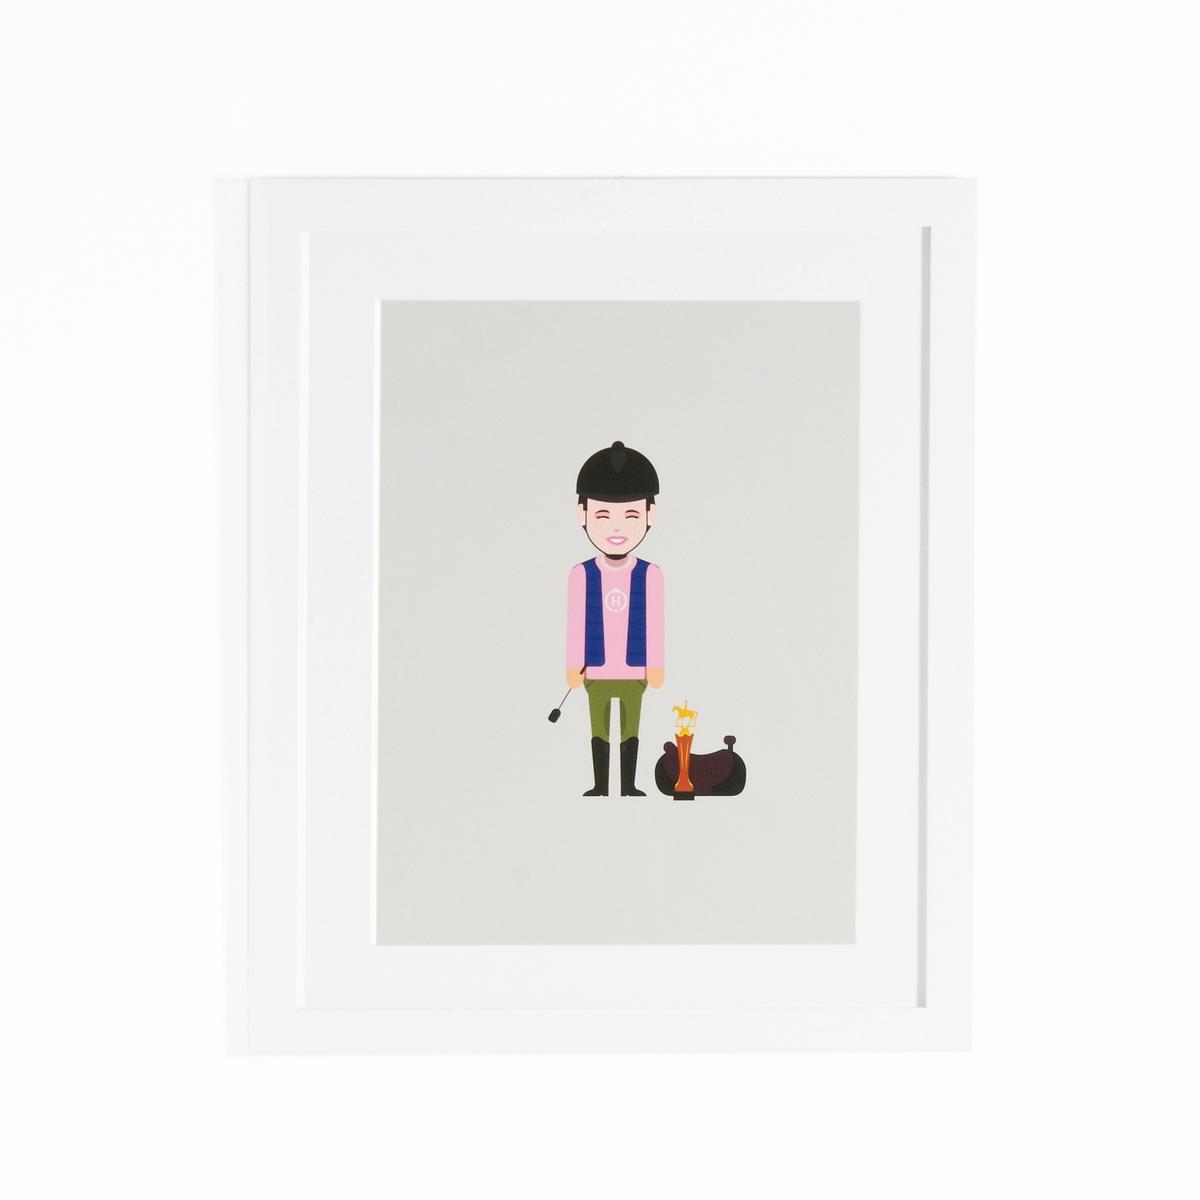 Плакат с рамкой CoriamaiПлакат с рамкой Coriamai . Изображение детей, занимающихся спортом ! 6 плакатей со стилизованными персонажами для создания современного и забавного декора (другме модели продаются на нашем сайте)  .Характеристики : - Плакат из офсетной бумаги 170г/м2 с навесом- Рамка из дсп - Стекло из плексигласа - Крючок для крепления на стену (шурупы и дюбели не входят в комлект)Размеры : - L40 x H50 см<br><br>Цвет: разноцветный